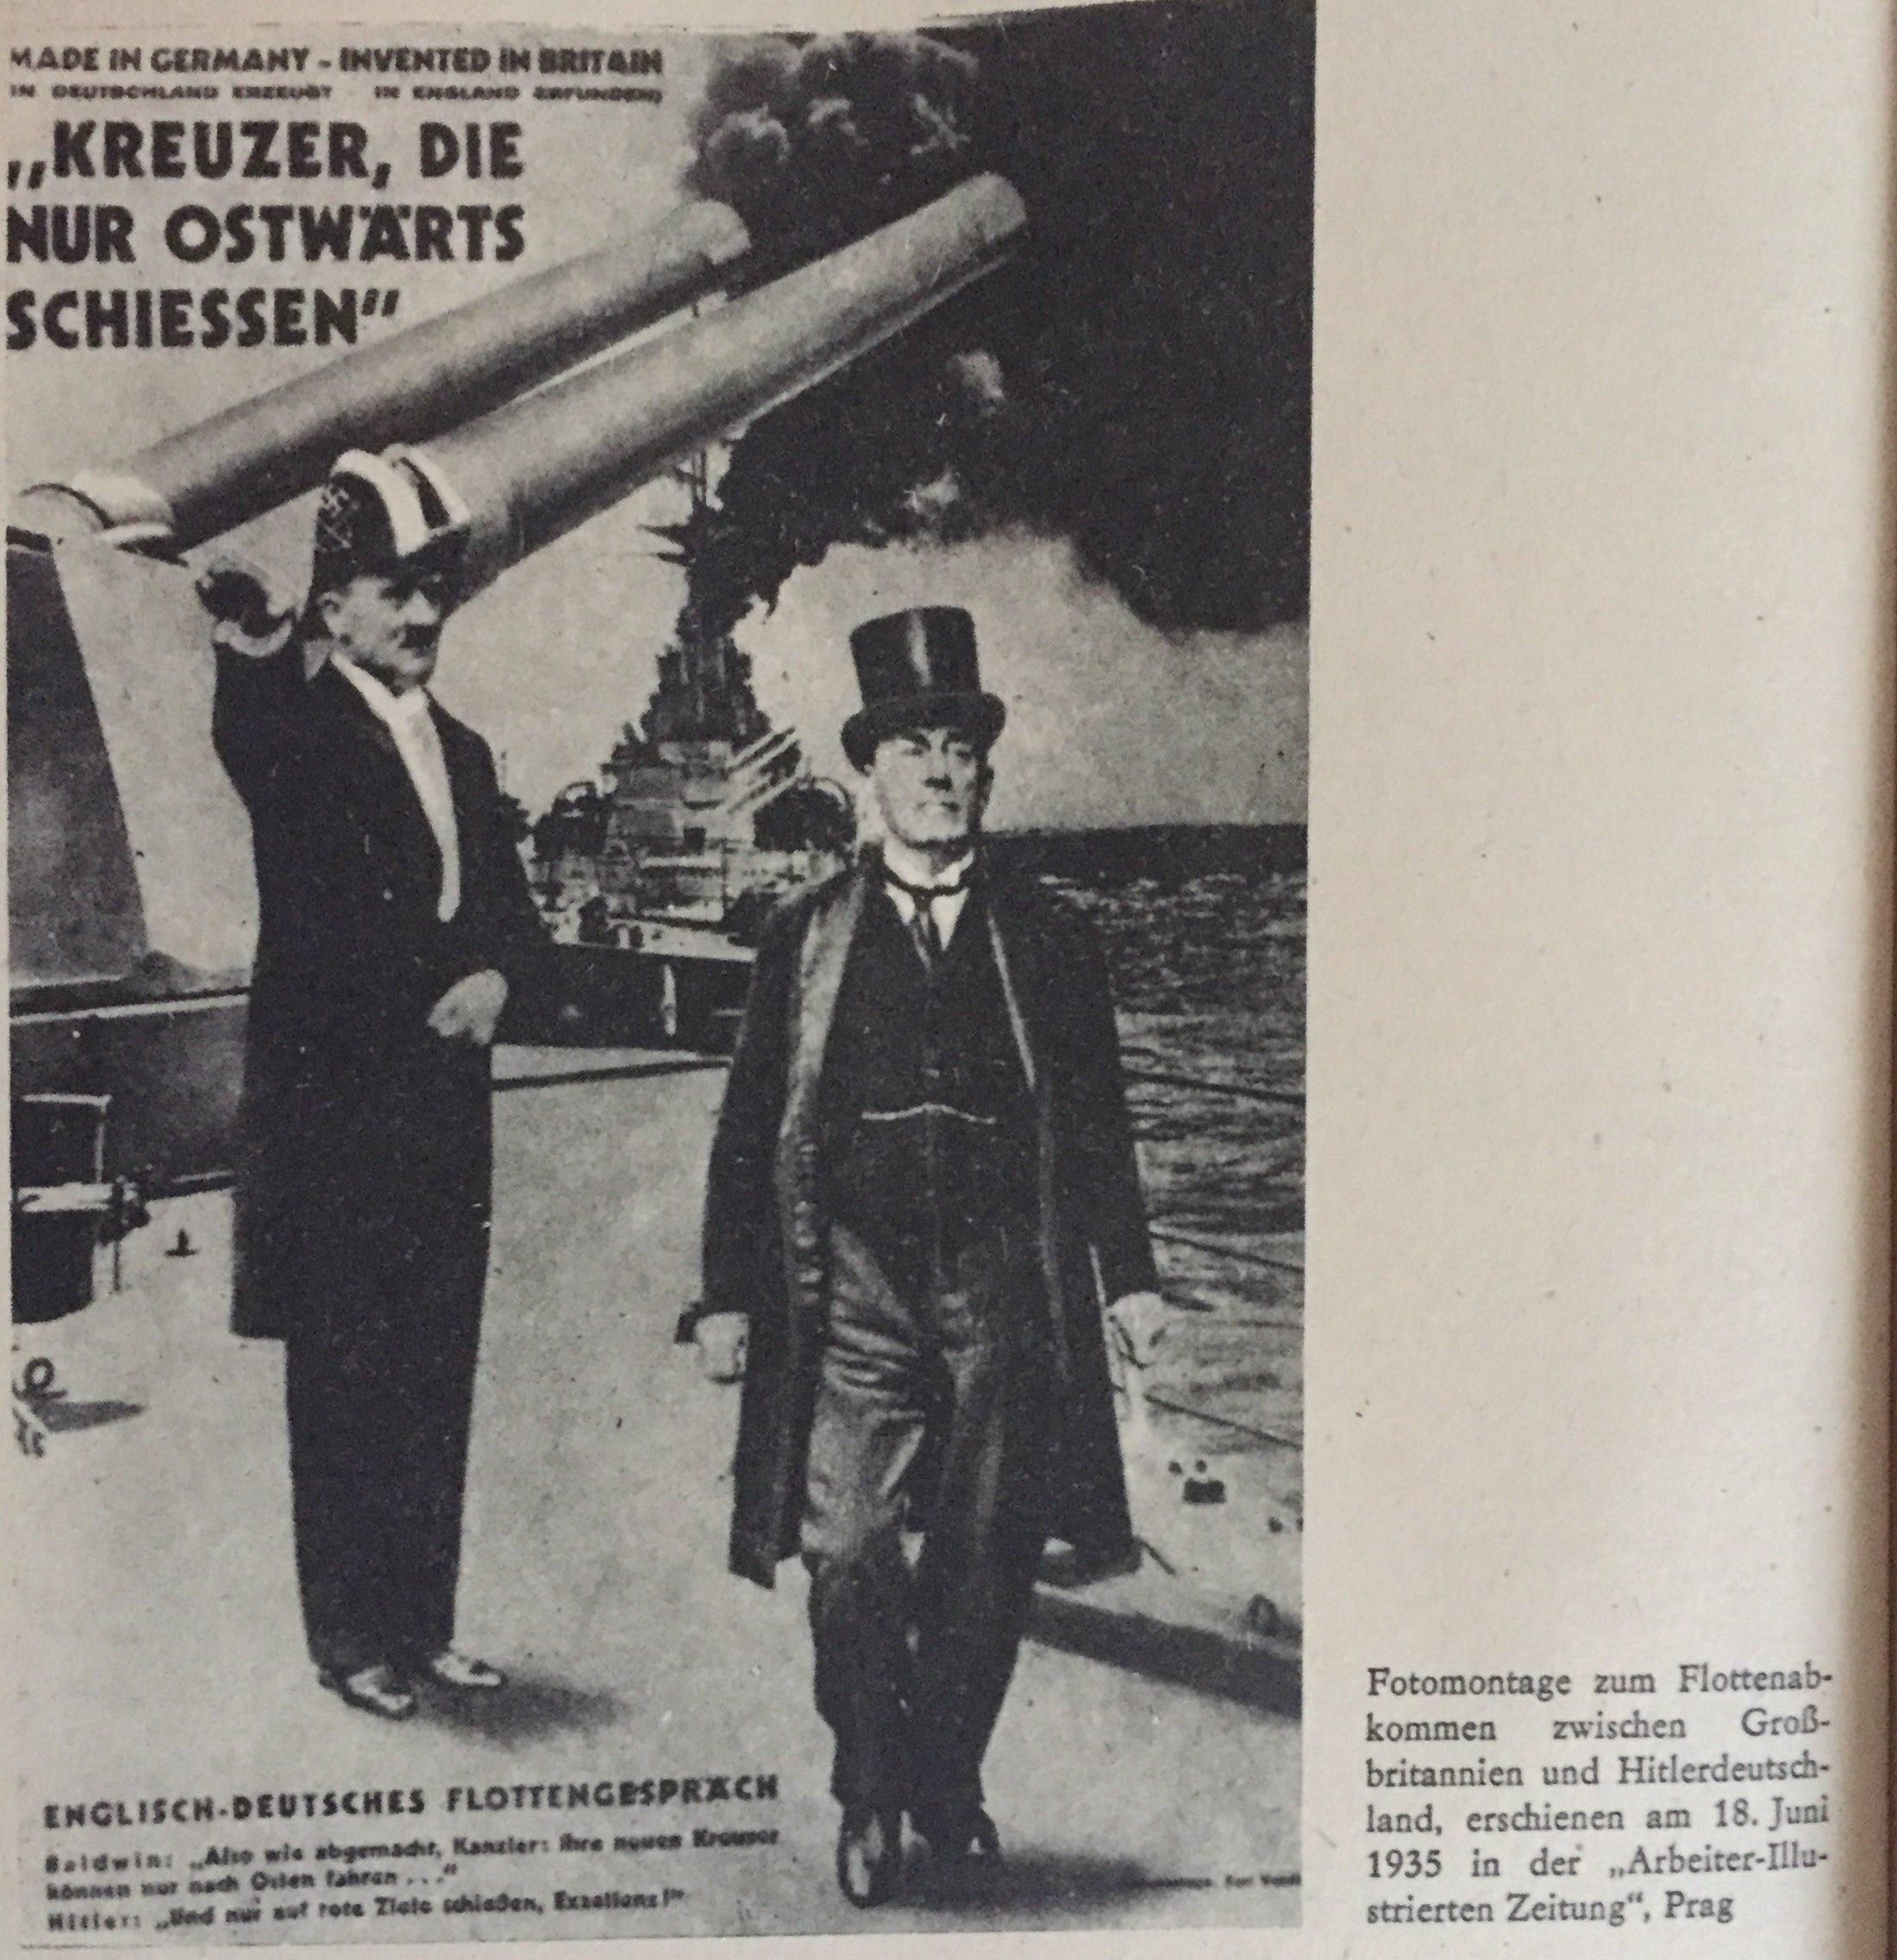 Die innen- und außenpolitischen Kriegsvorbereitungen des faschistischen deutschen Imperialismus